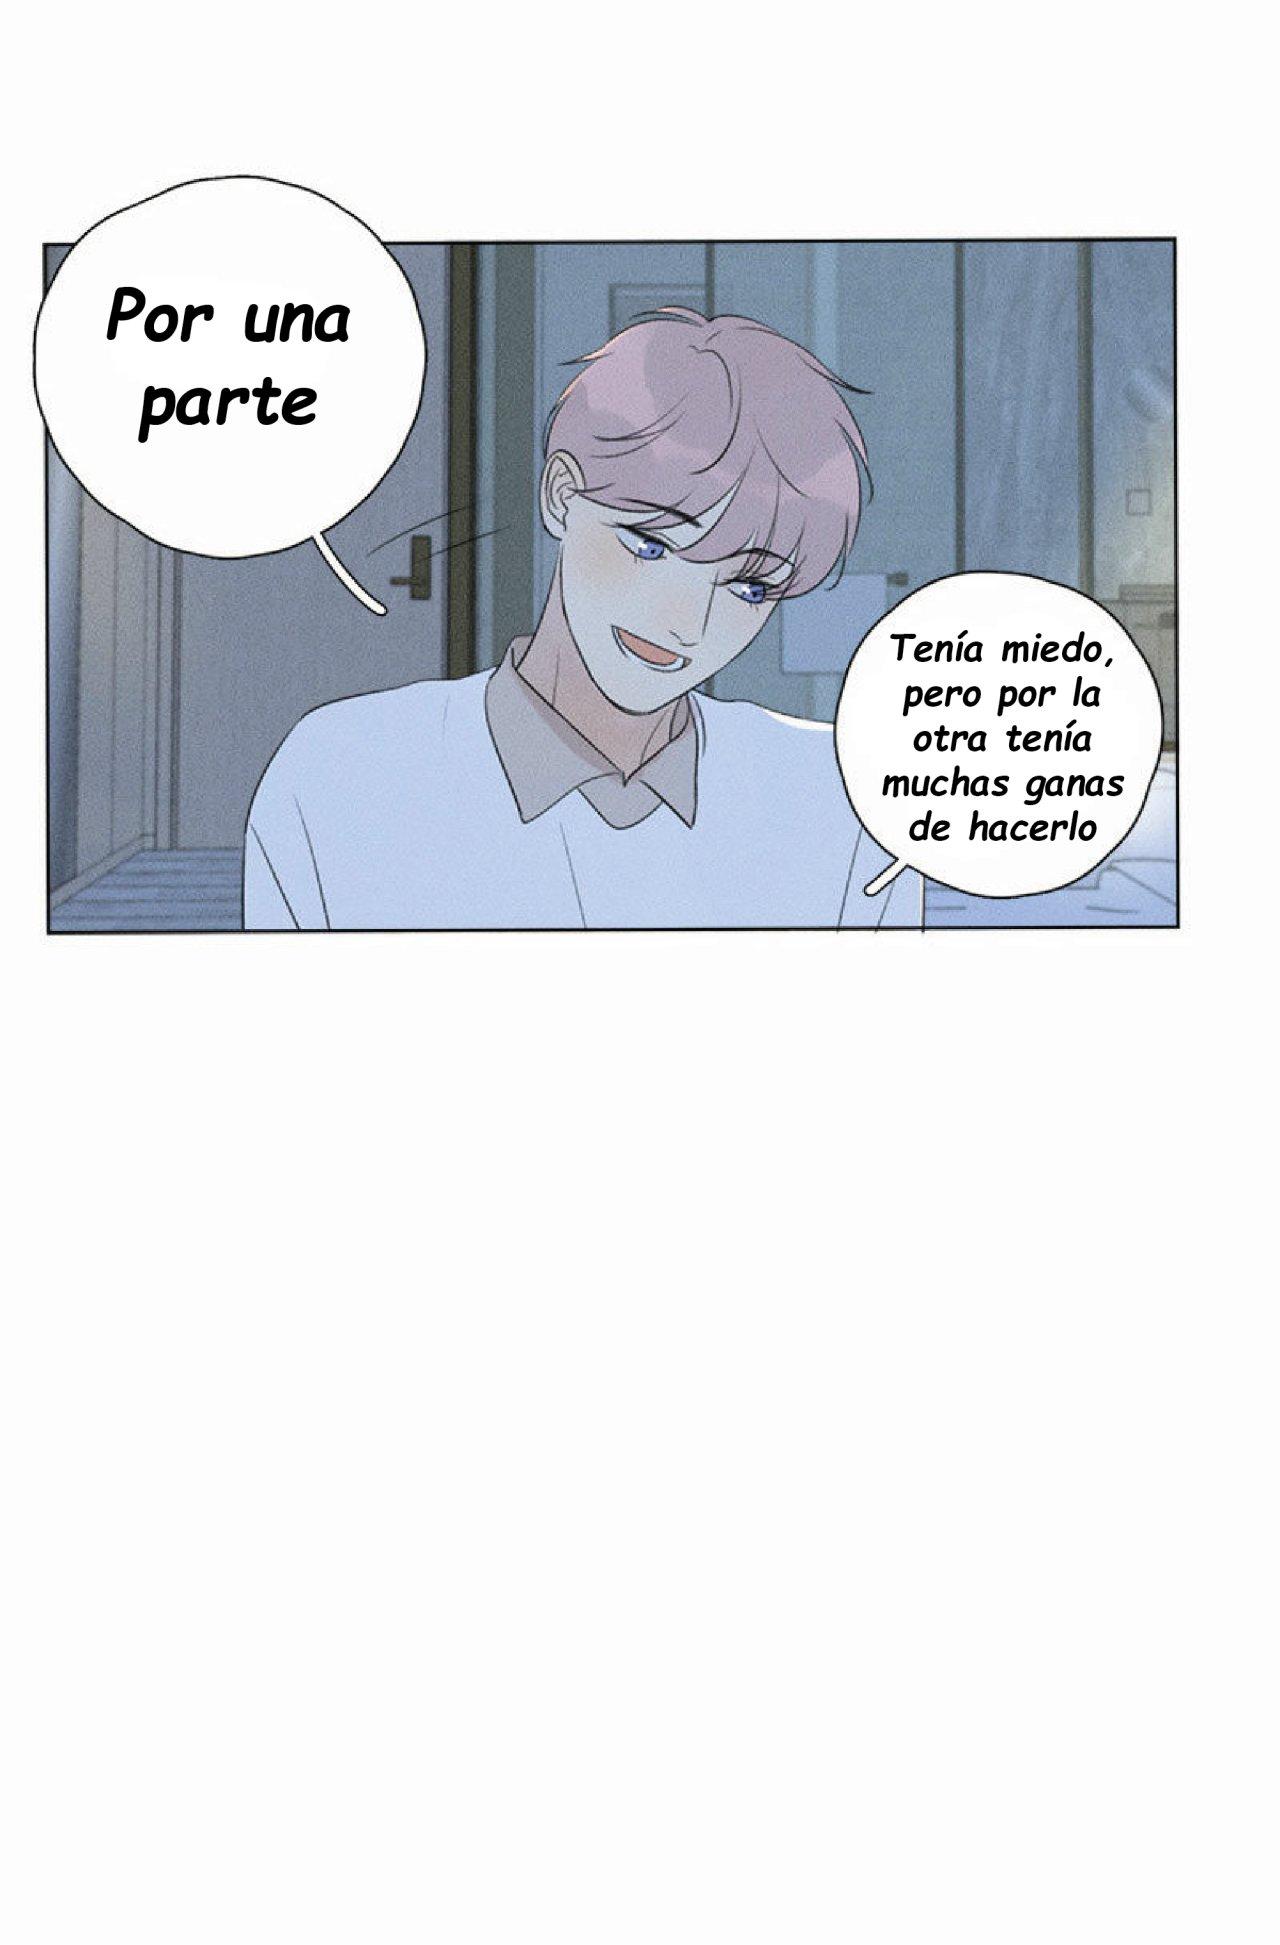 https://nine.mangadogs.com/es_manga/pic8/29/24925/957375/ea98cb4ef75b56acda616e5166438fb6.jpg Page 29